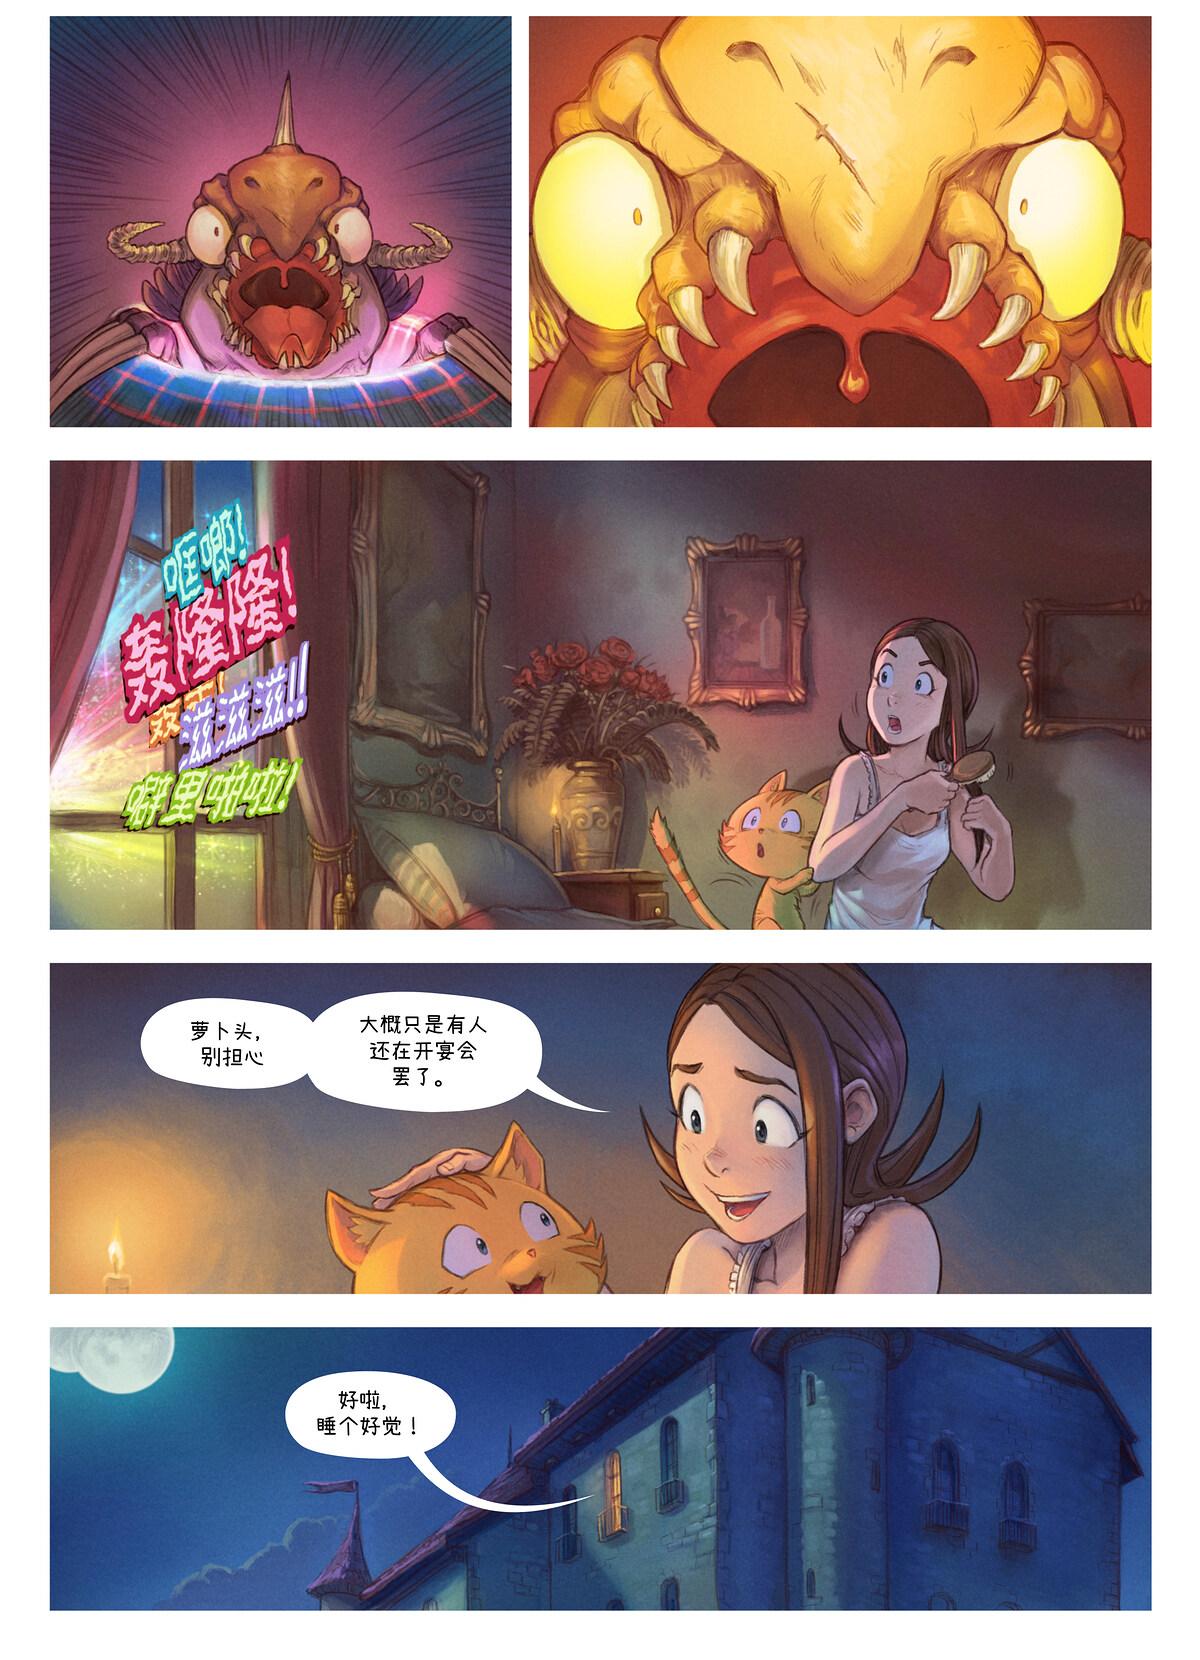 第29集:世界毁灭者, Page 7